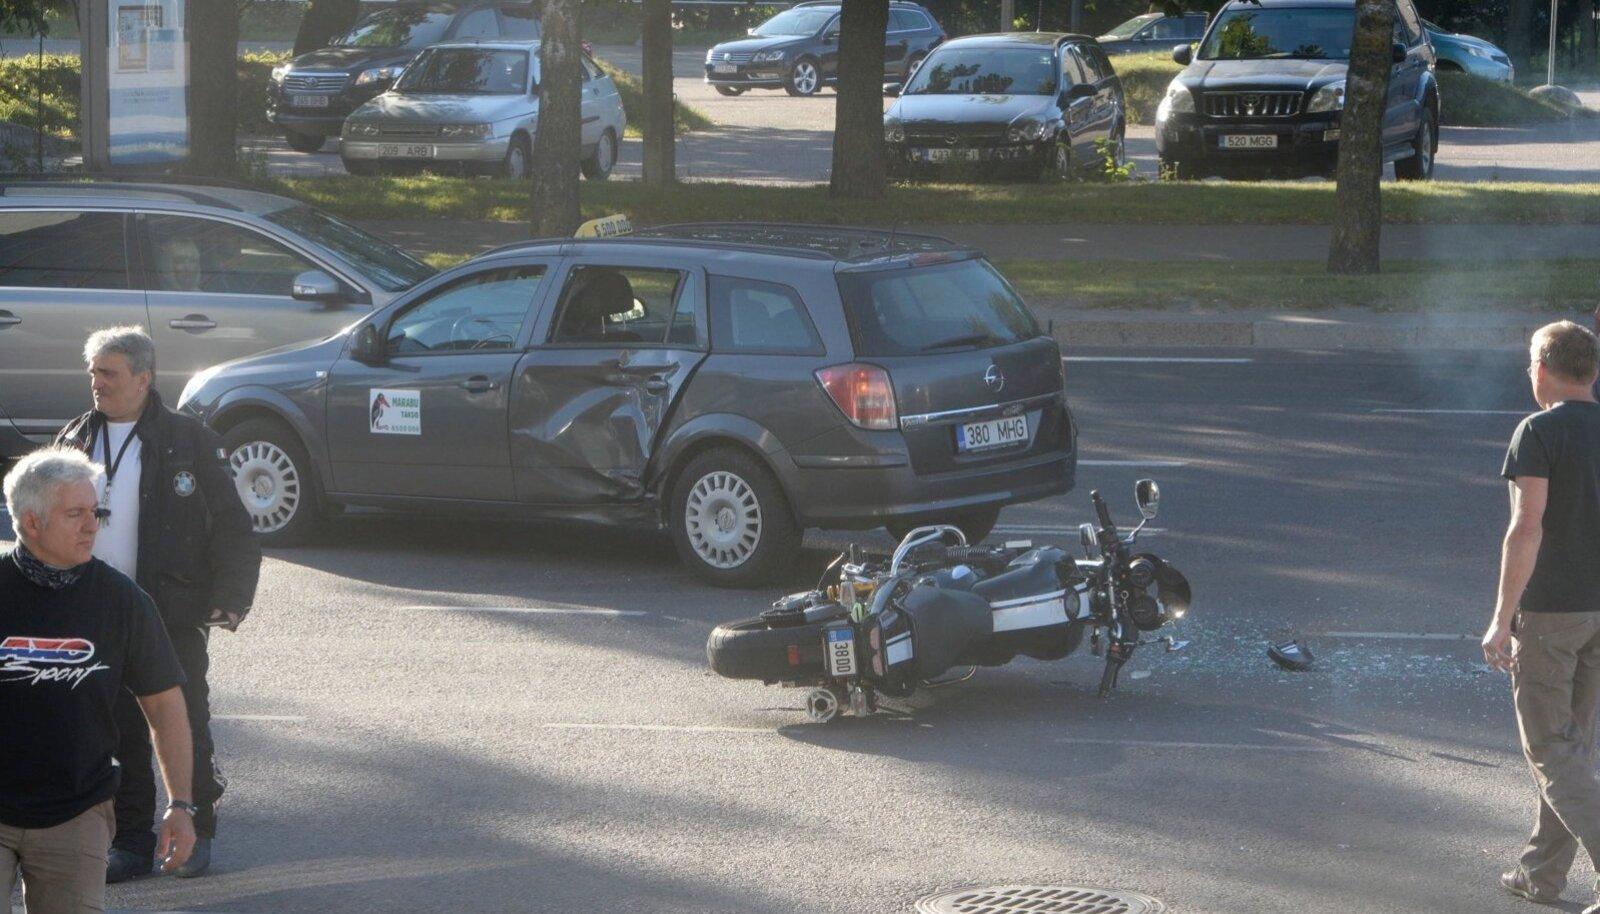 Õnnetus Liivalaia tänaval